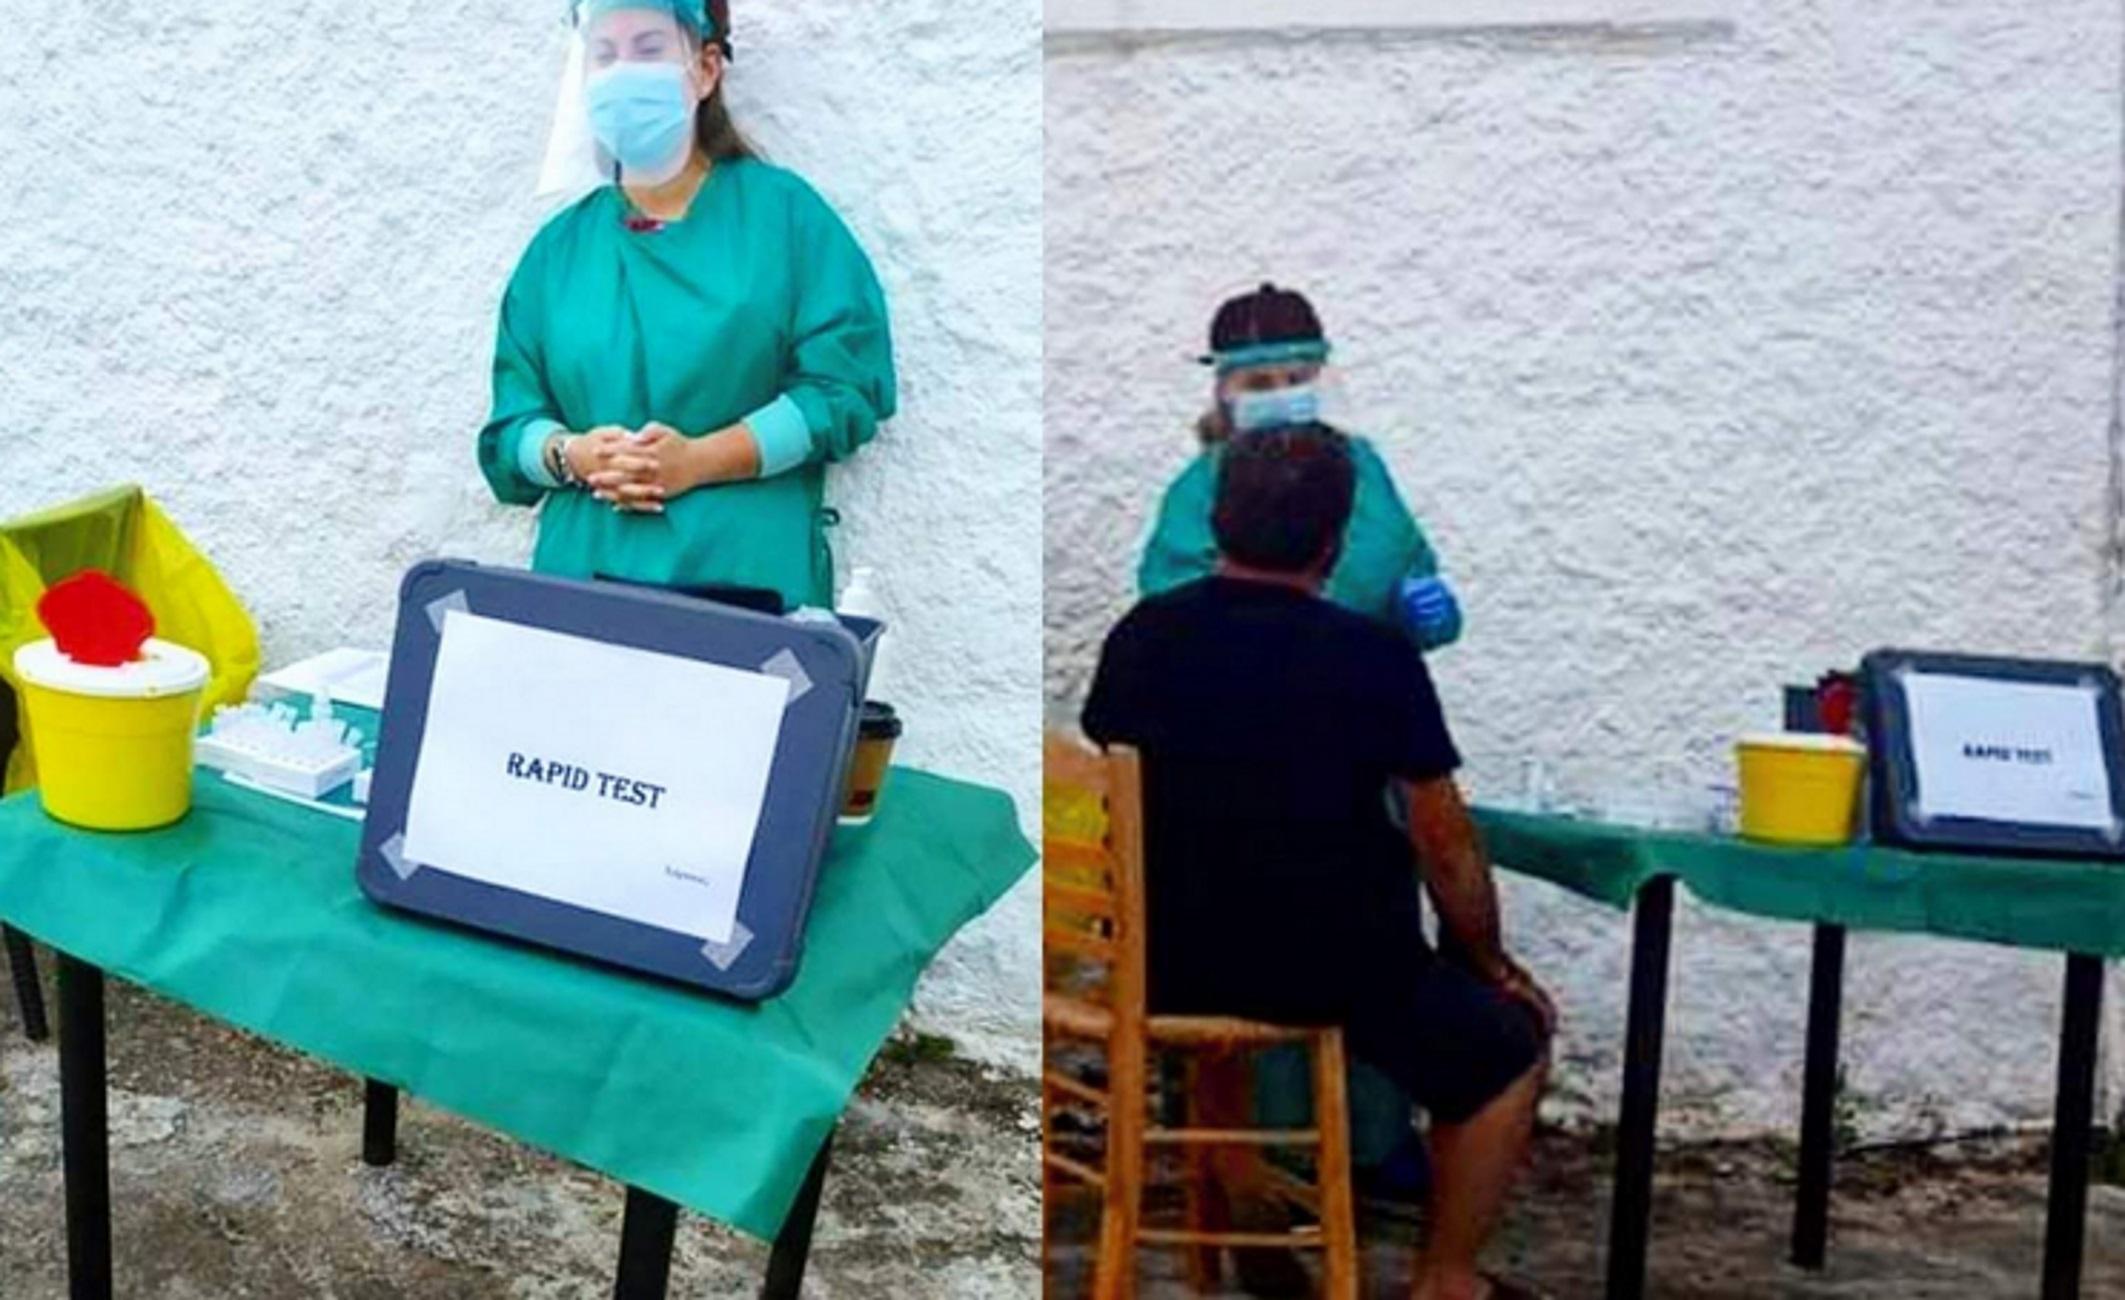 Λακωνία: Ιατρικές εξετάσεις εύκολα και με ασφάλεια – Η καθοριστική βοήθεια της τεχνολογίας